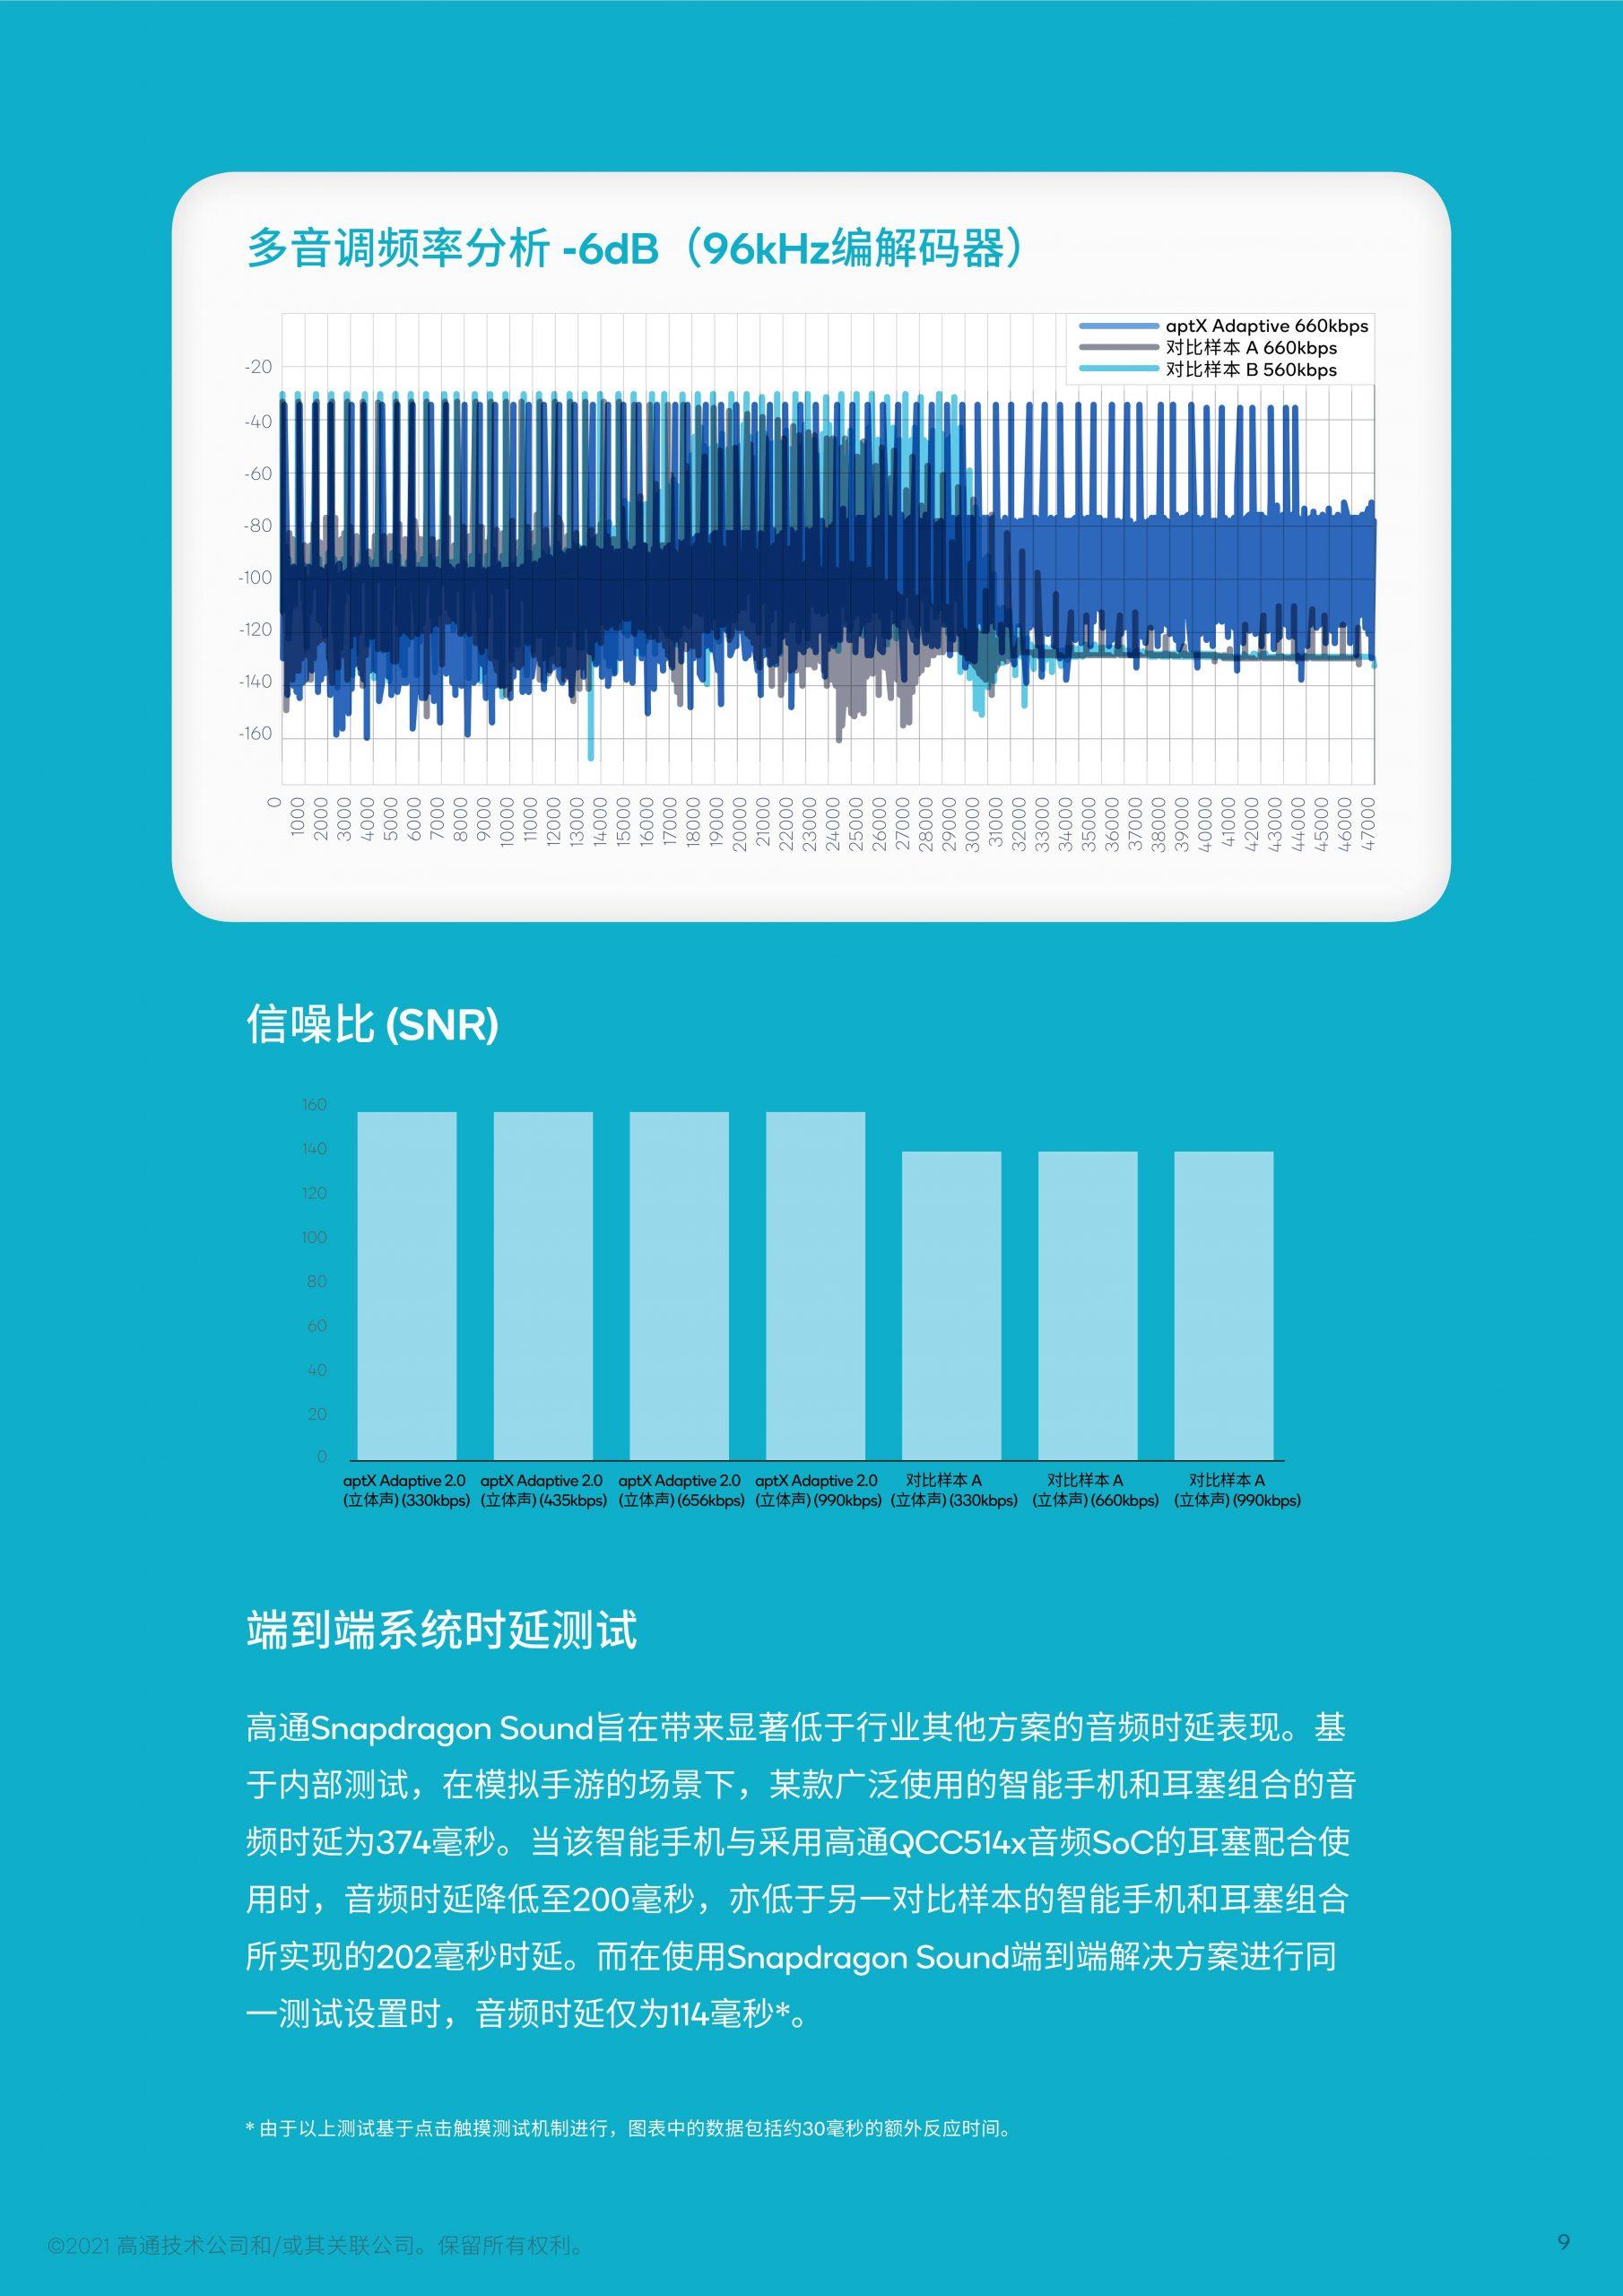 《高通 Snapdragon Sound™ 技术白皮书》原文下载看这里!-我爱音频网